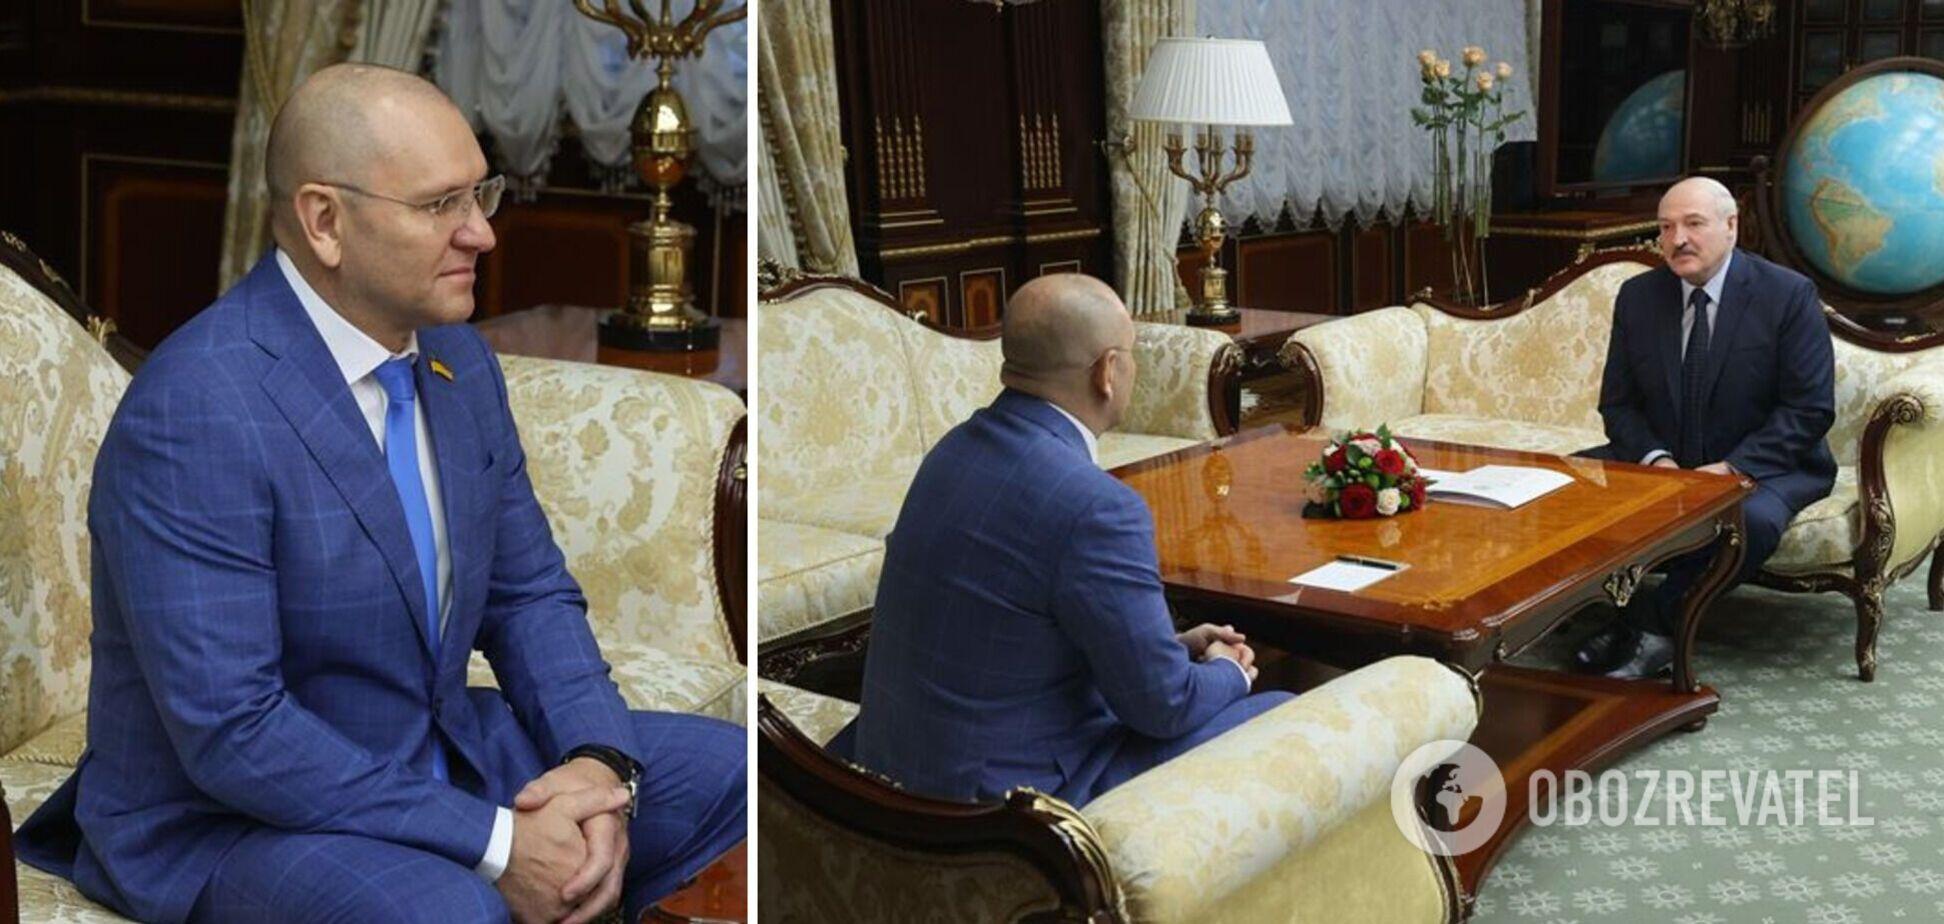 'Слуга' Шевченко в прямом эфире признался в любви Лукашенко и заявил о 'начале взаимоотношений'